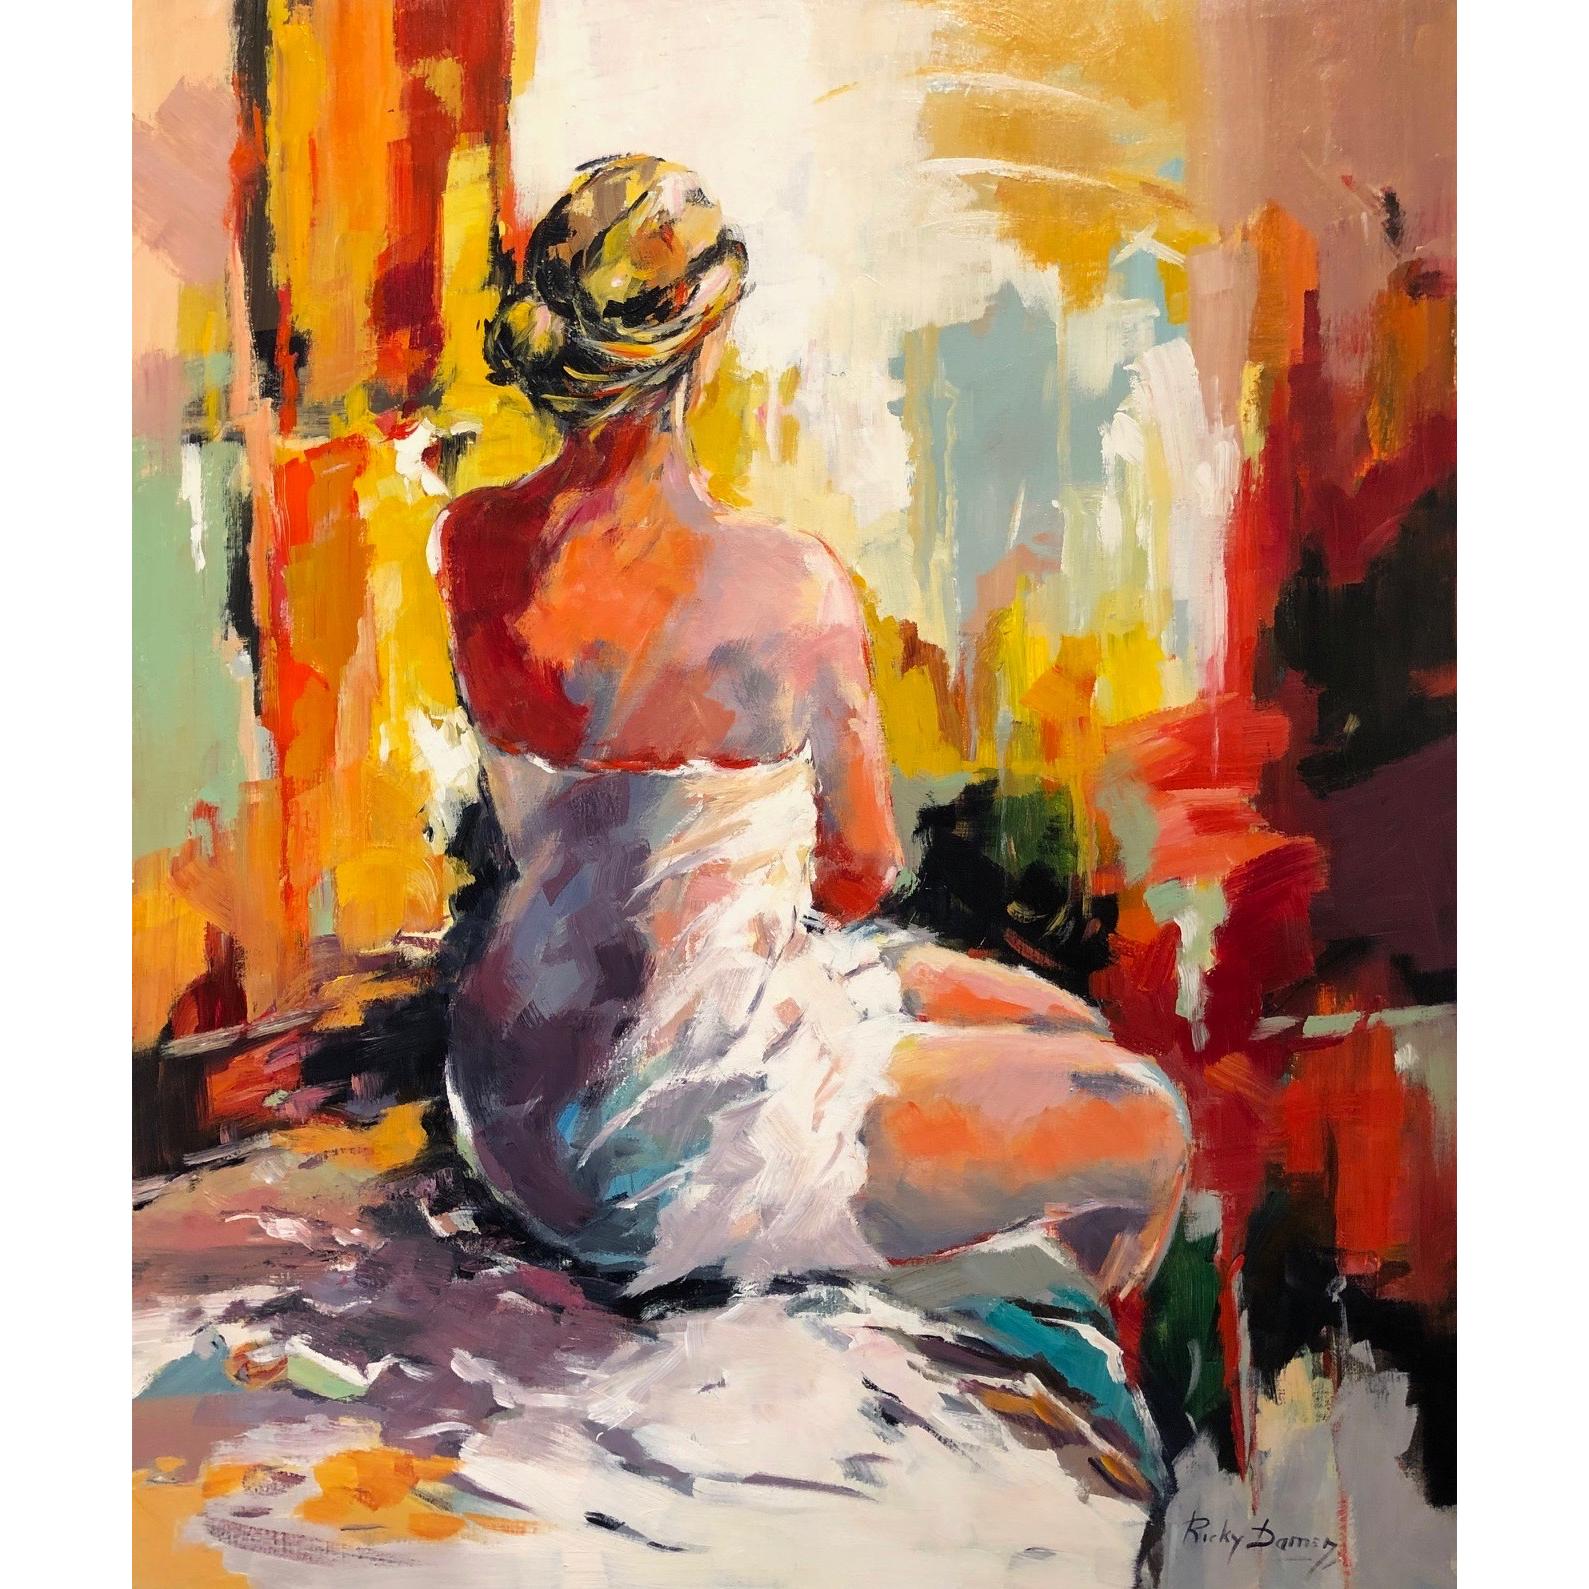 Ricky Damen schilderij 'Ontwaken'